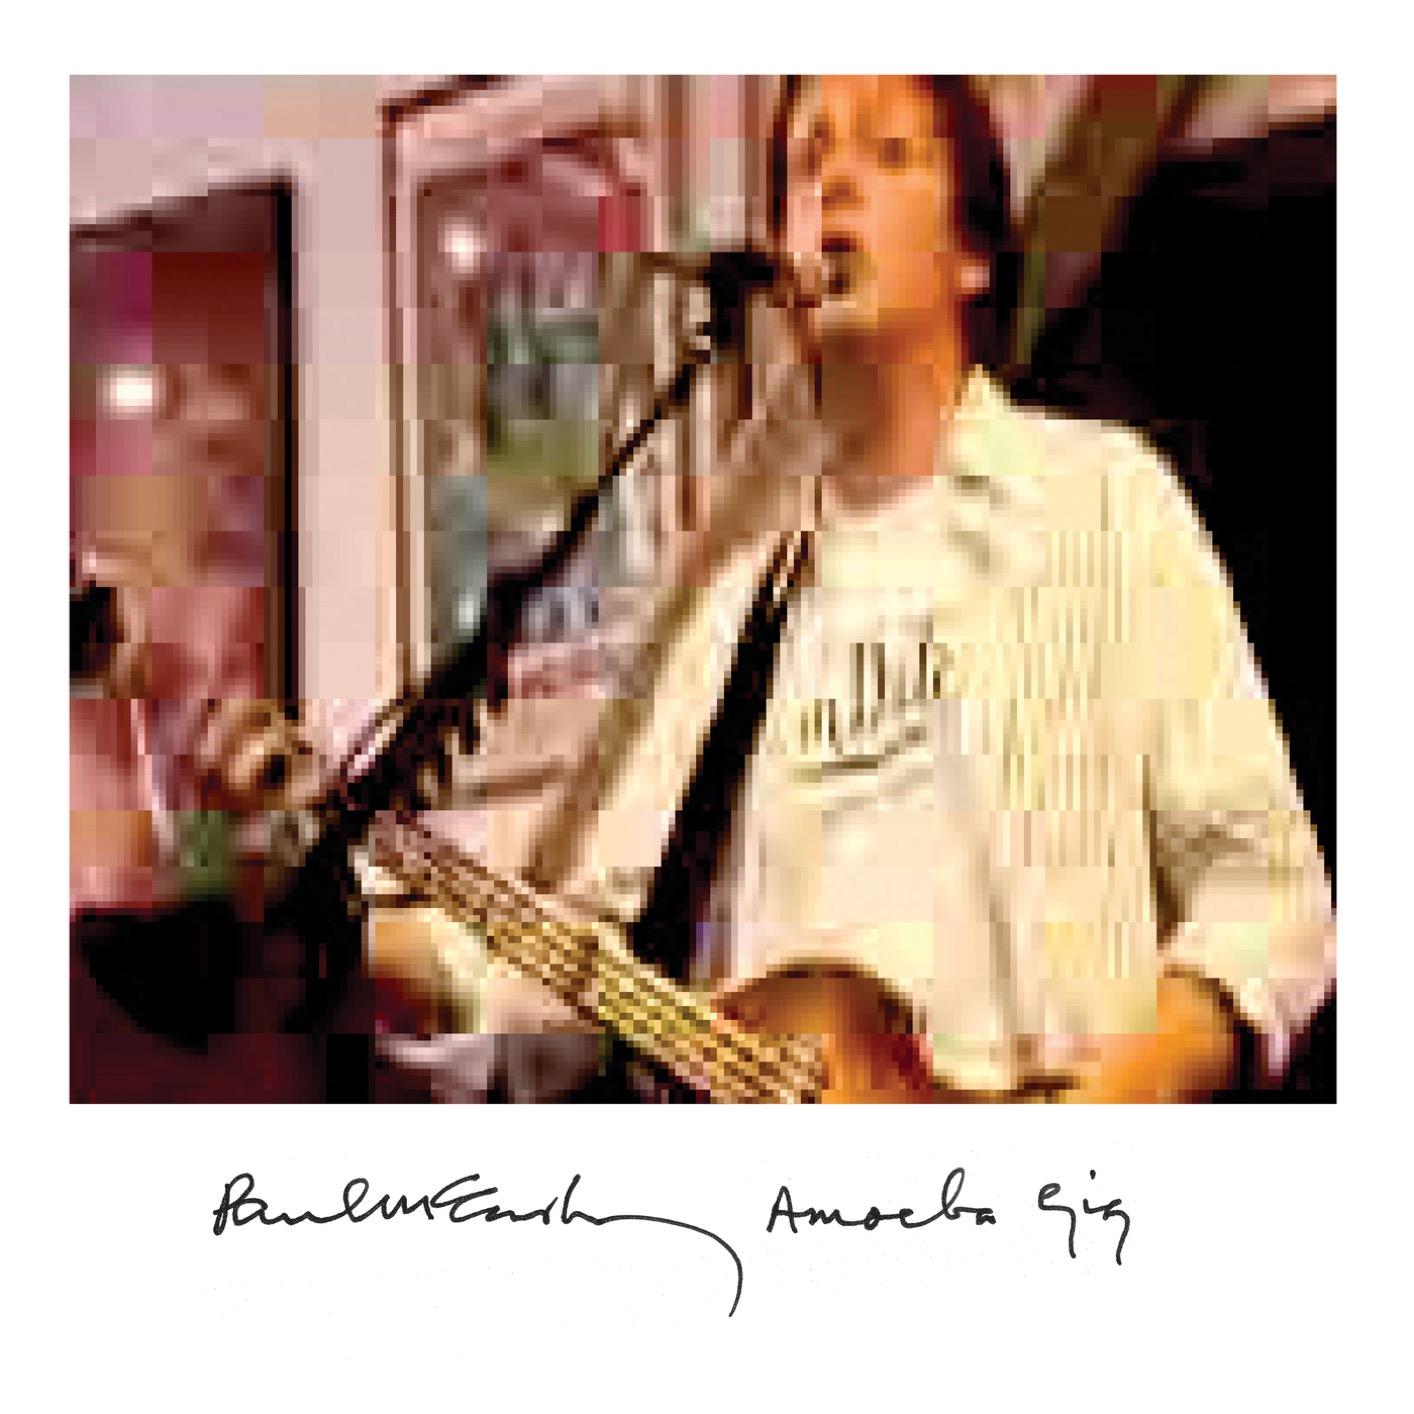 Paul McCartney — Amoeba Gig (Live at Hollywood's Amoeba Music 2007) (2019)